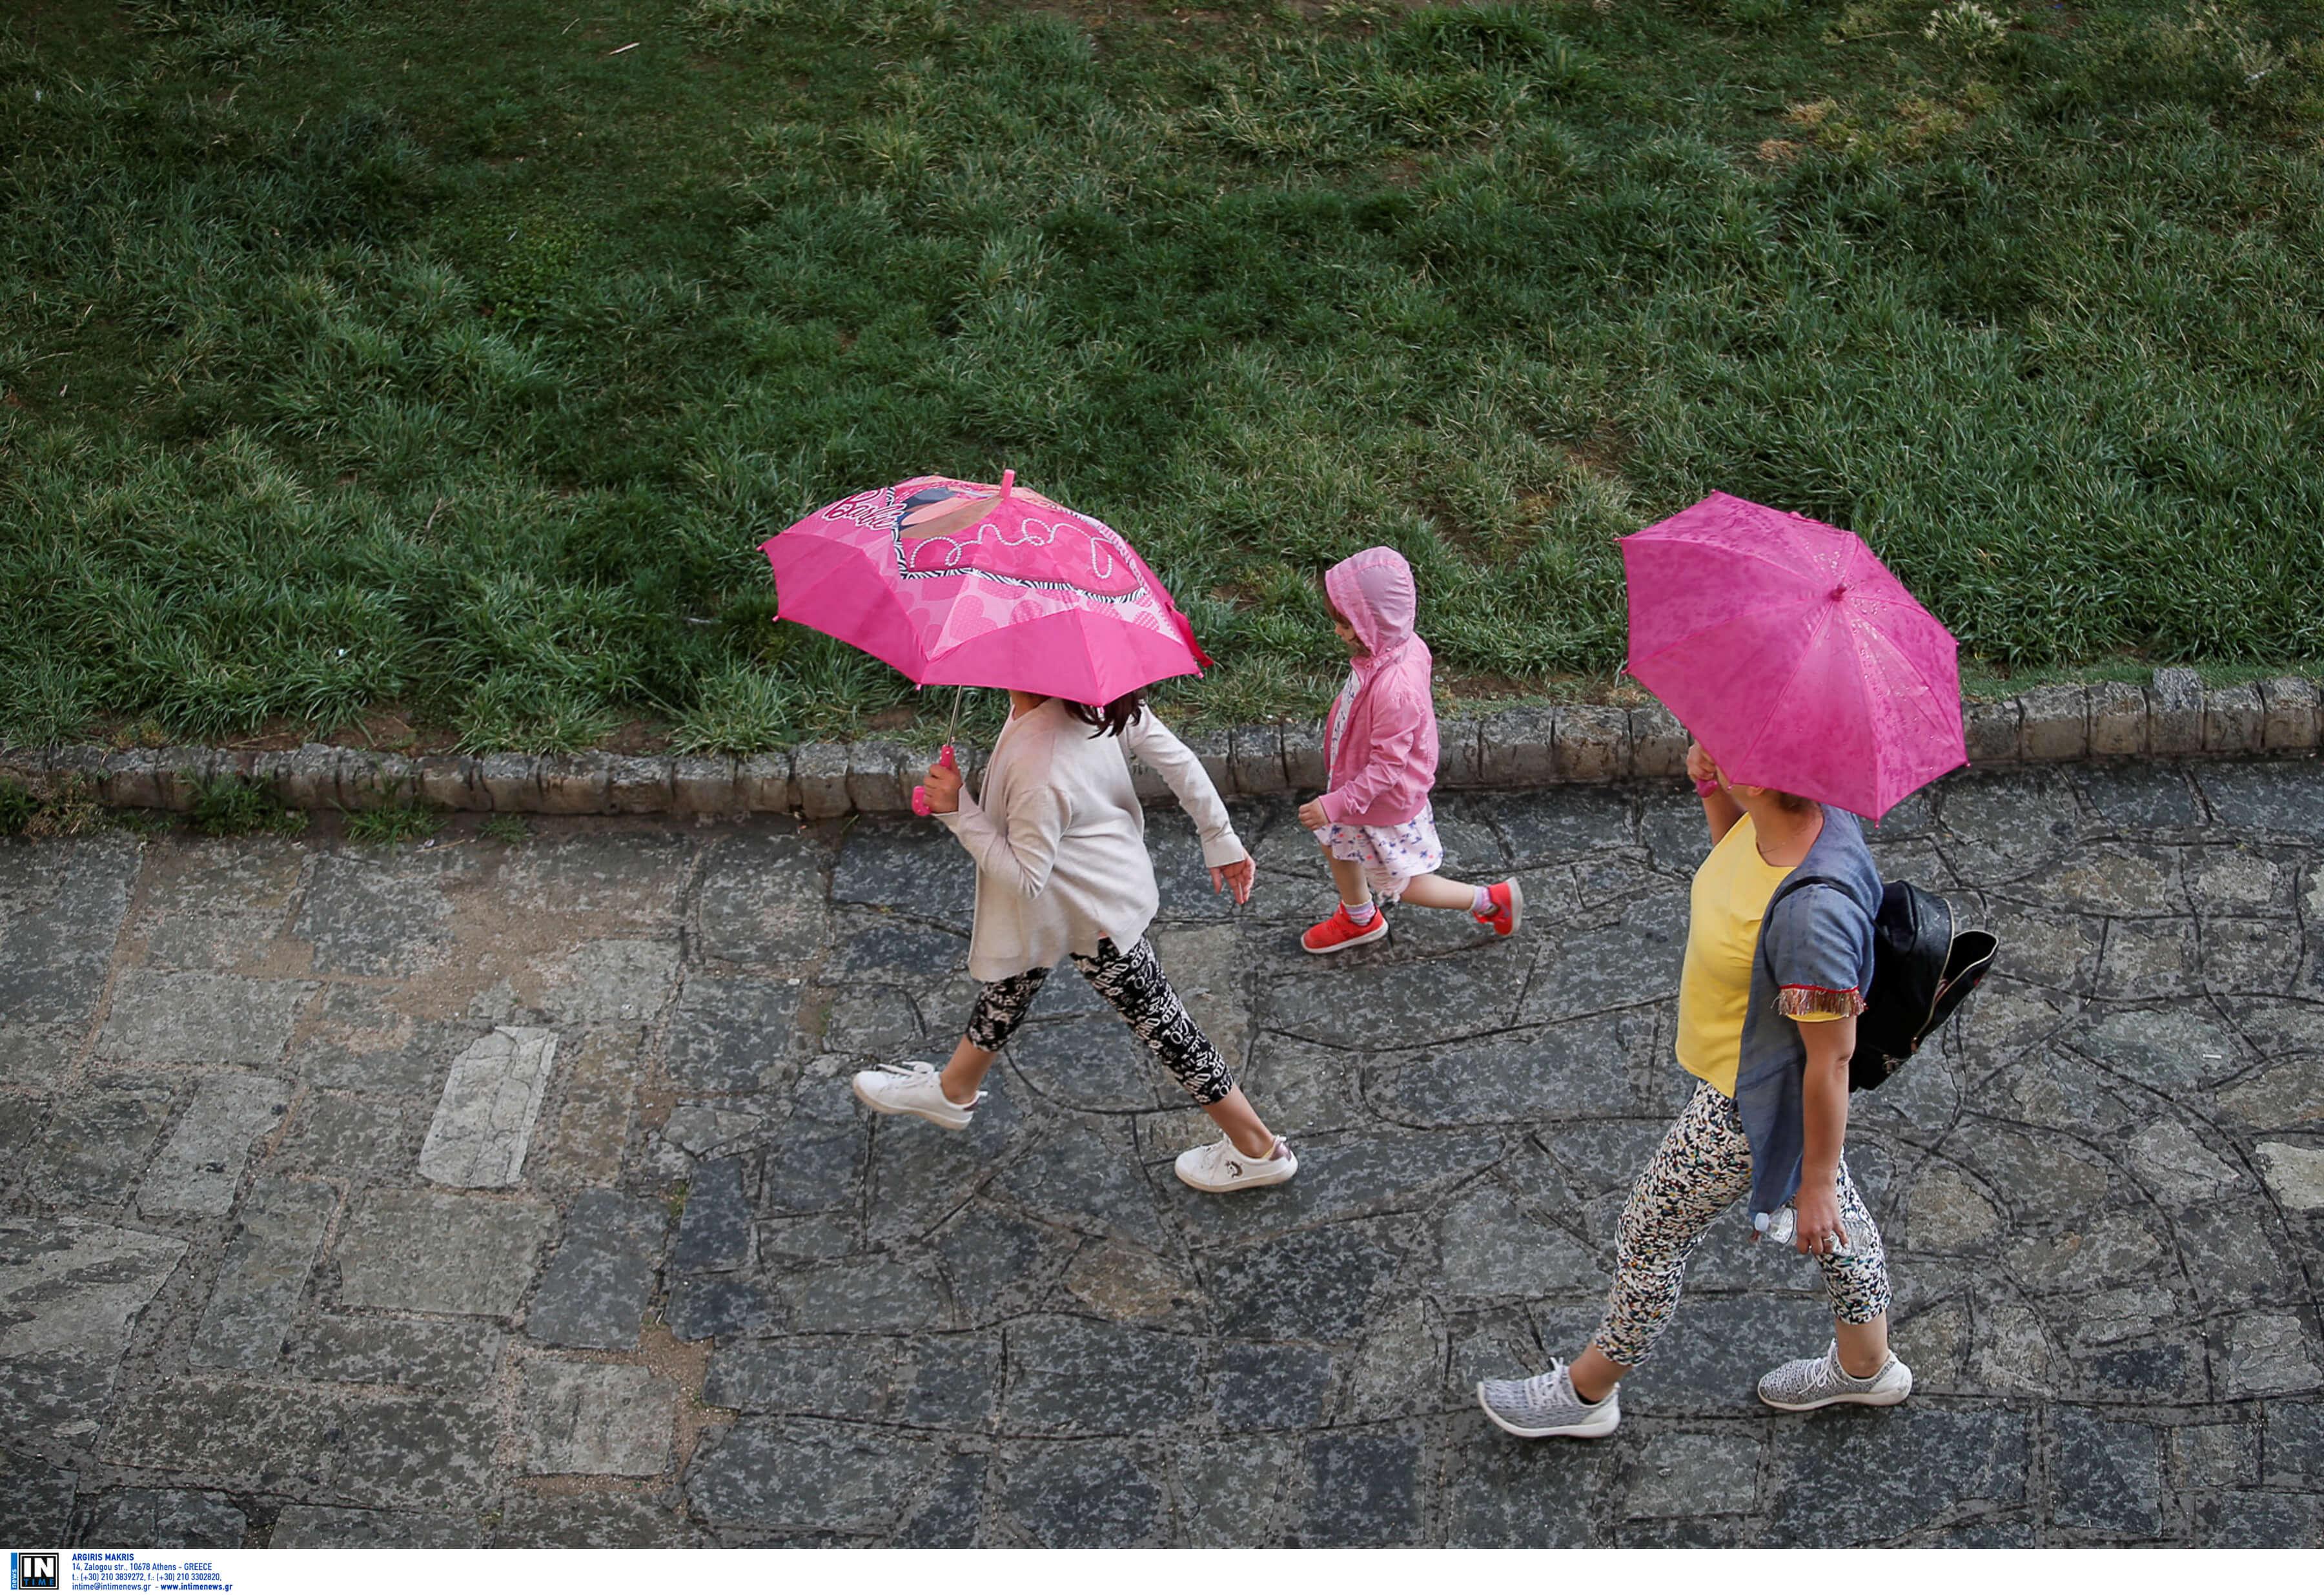 Καιρός σήμερα: Μια ωραία ατμόσφαιρα! Ζέστη και πάλι με βροχές και καταιγίδες